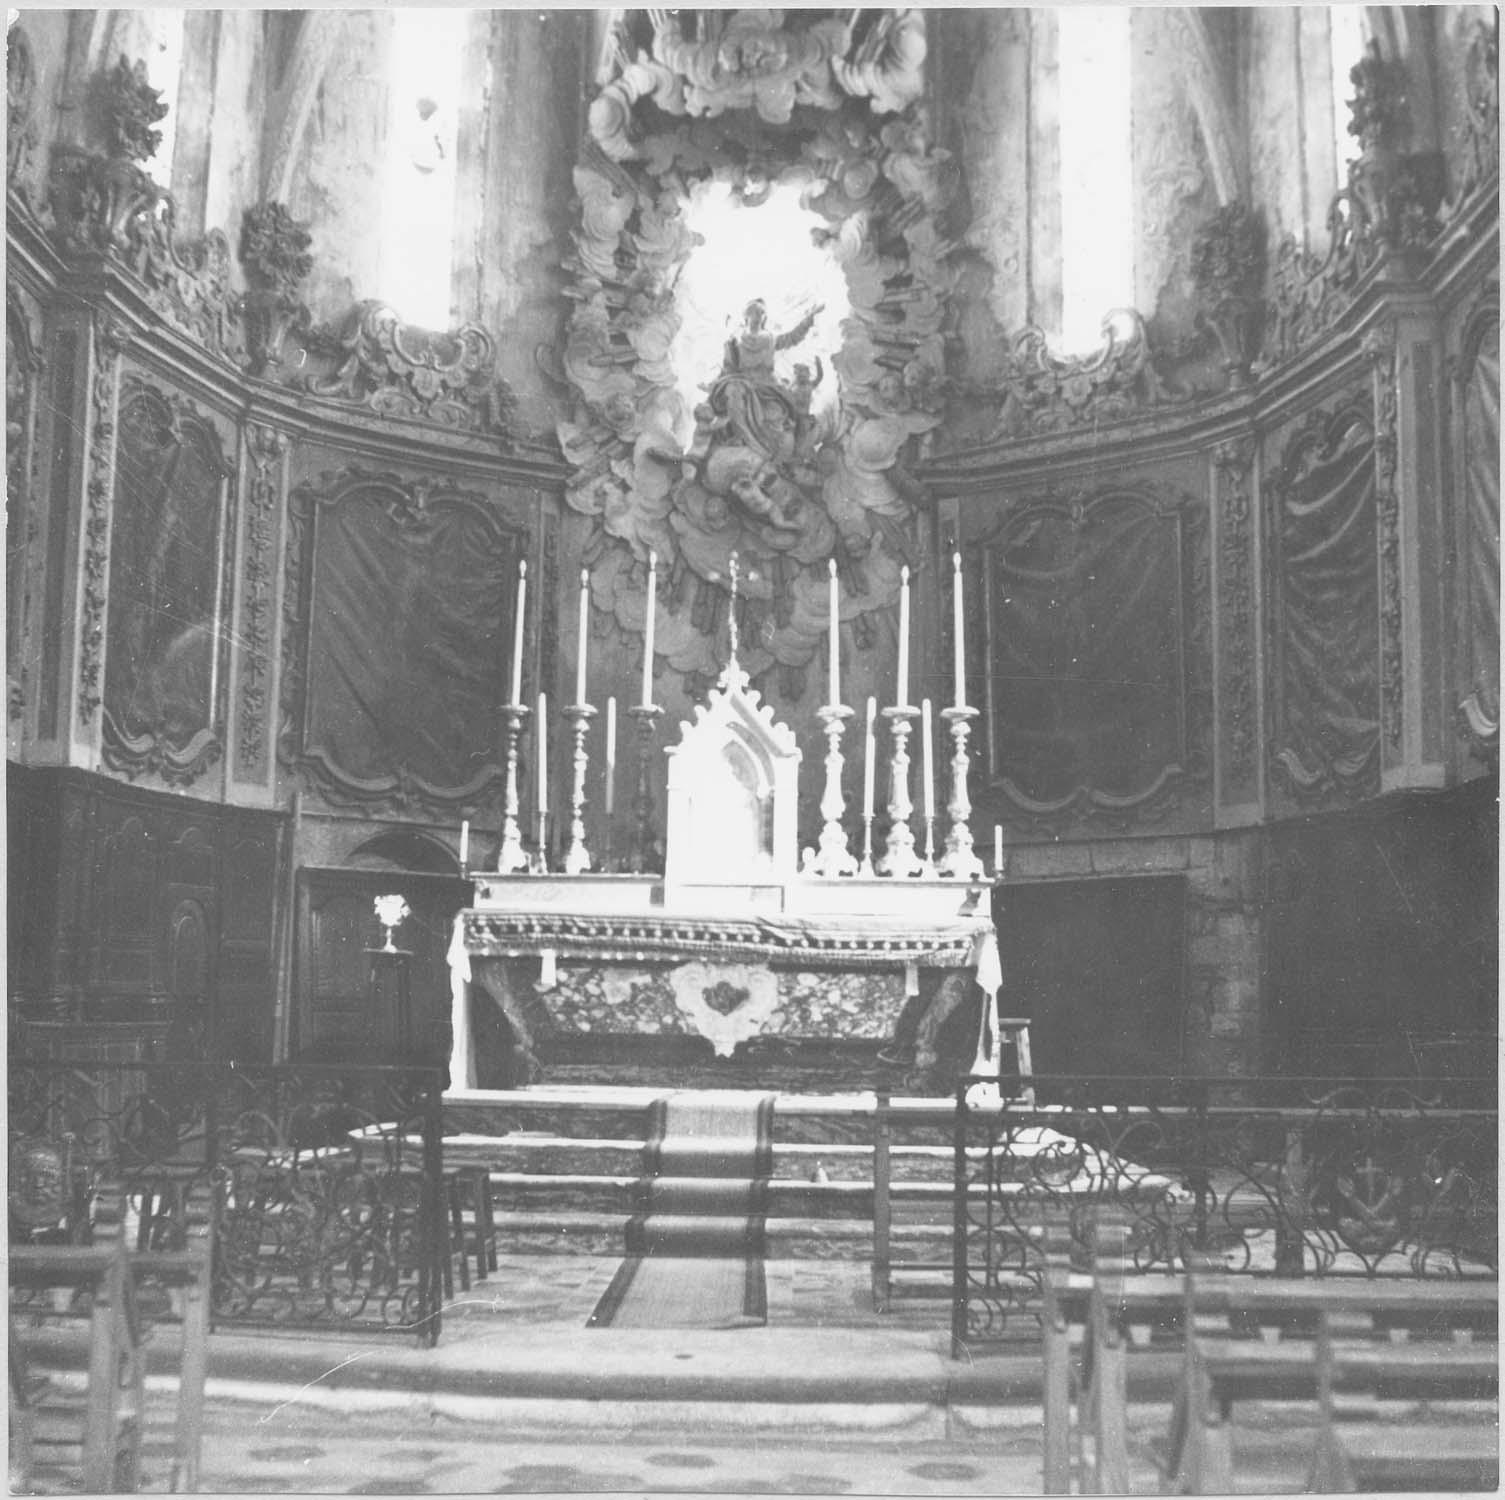 Maître-autel, lambris de revêtement, sculpture (gloire), tableaux